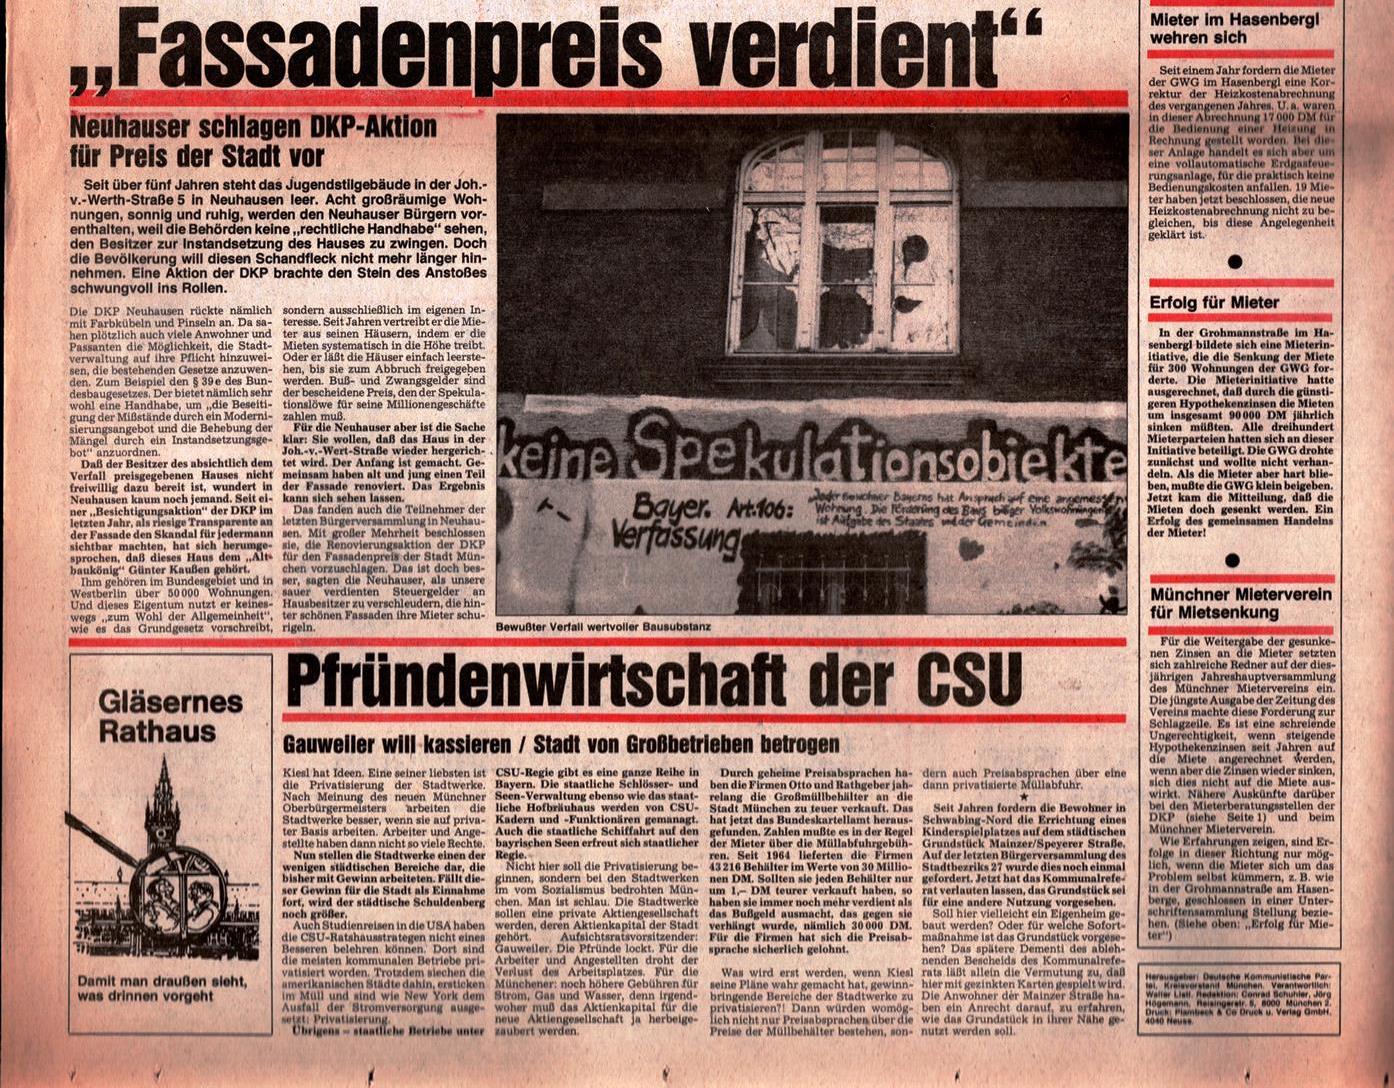 Muenchen_DKP_Neues_Muenchen_19780600_006_004